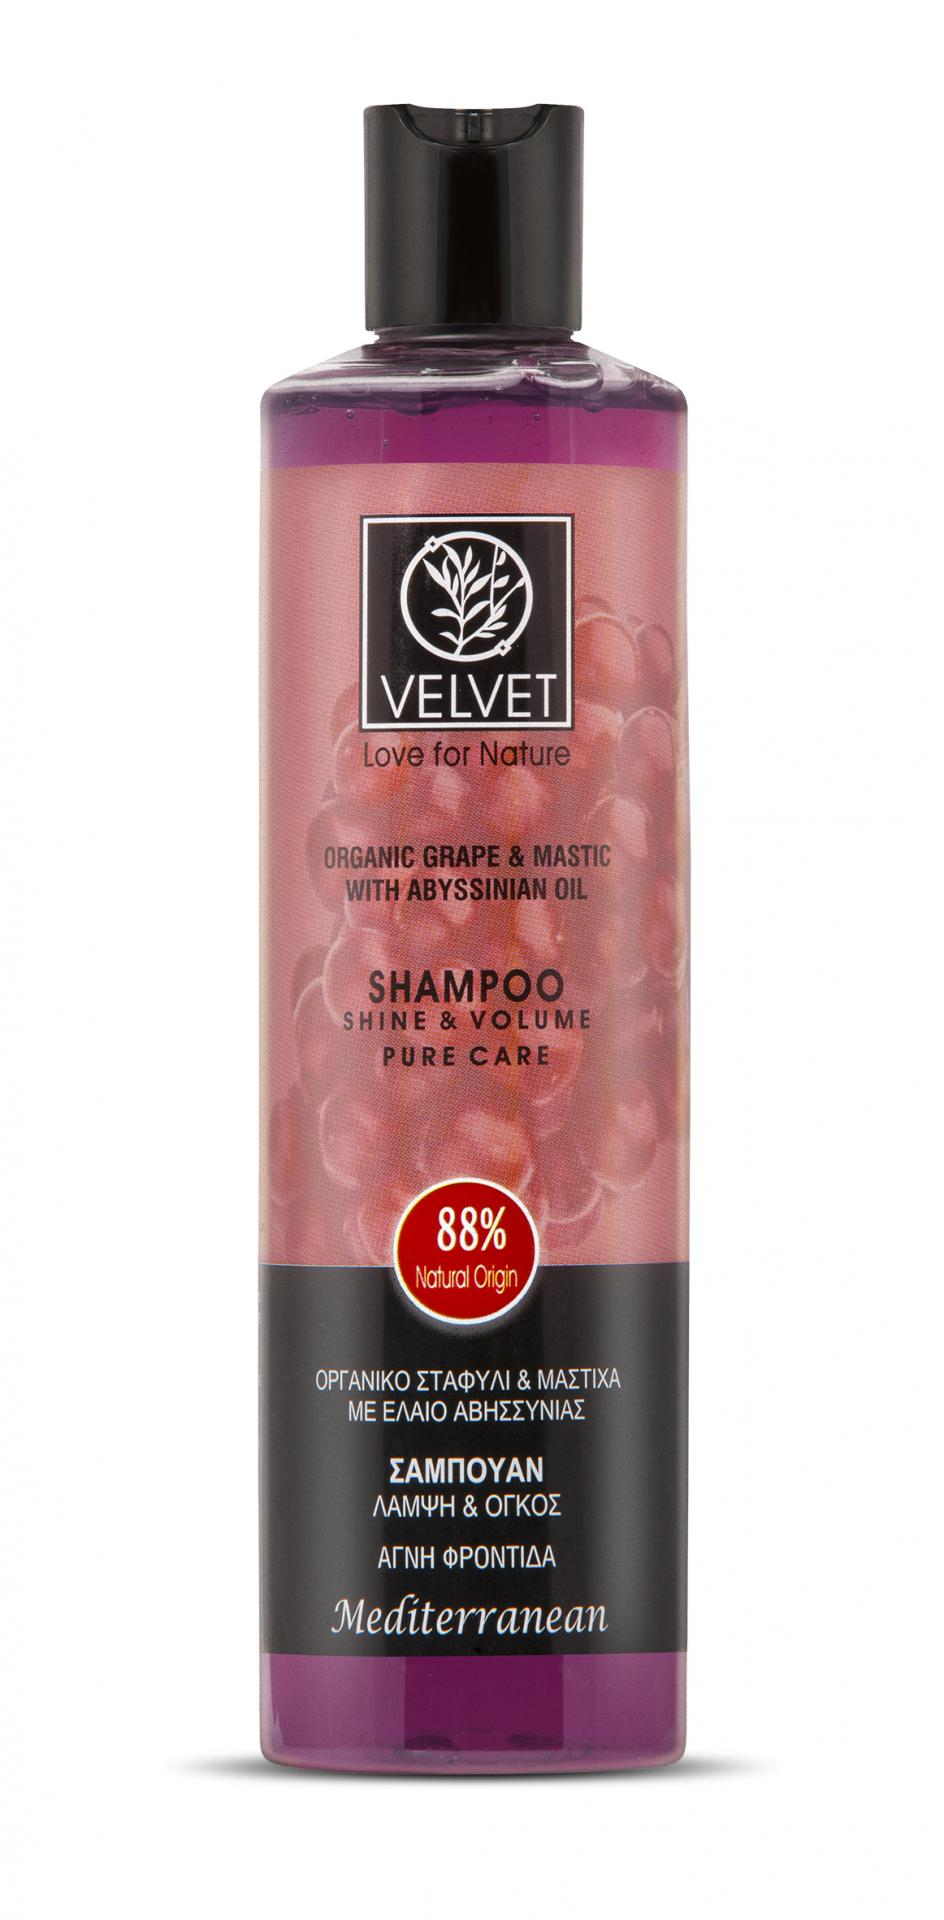 Champú Velvet de uva, Brillo y Volumen 300ml